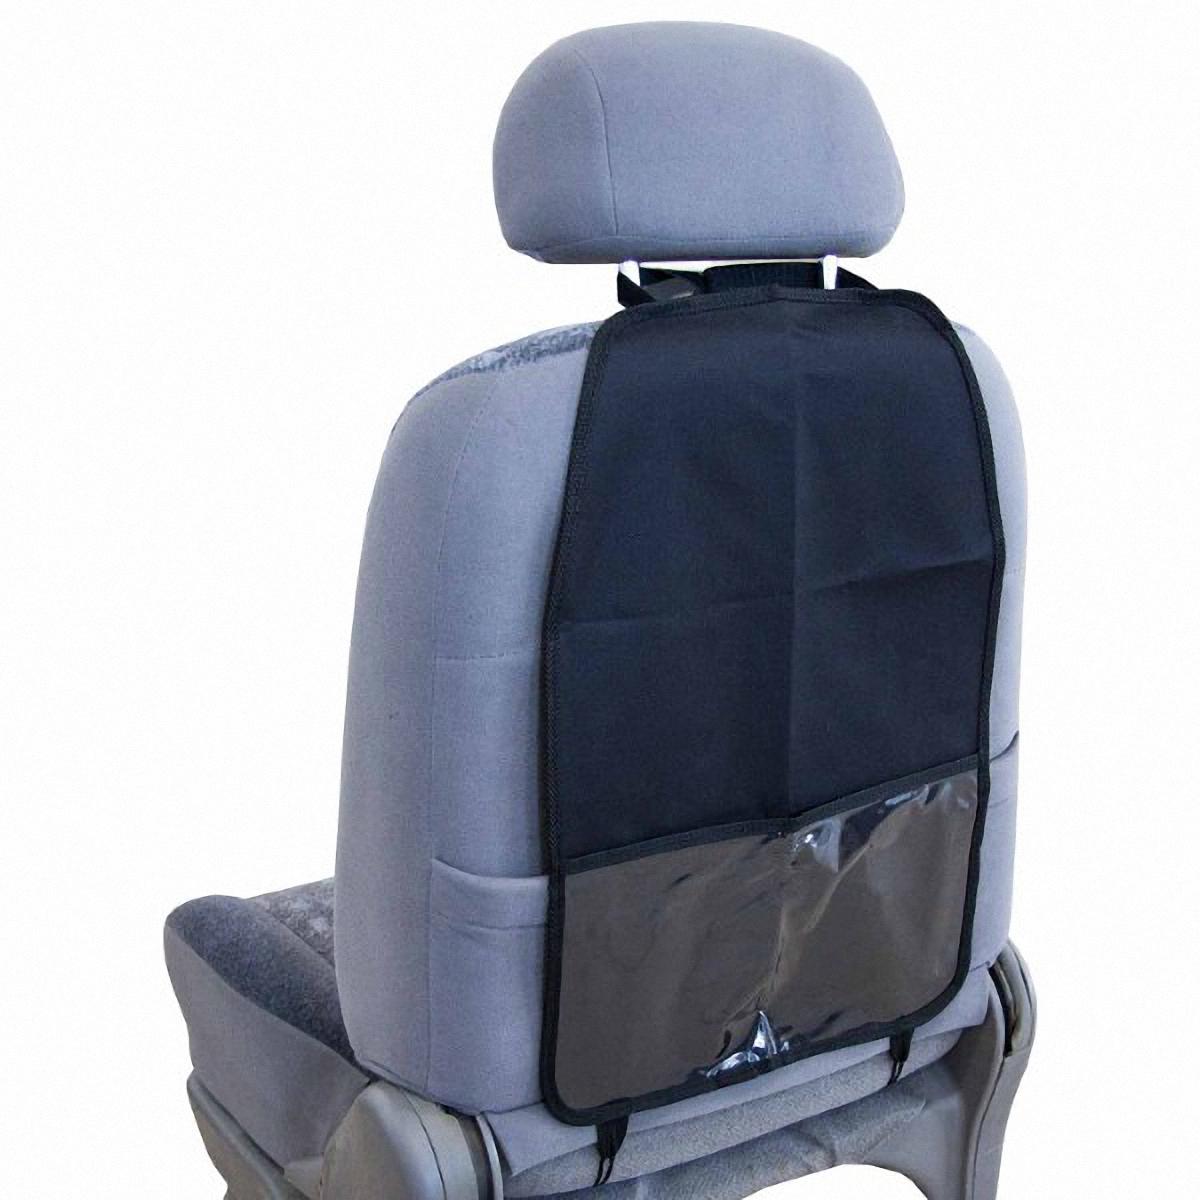 Накидка защитная Skyway, на спинку сидения, 37 х 55 смS06101007Защита спинки сидения Skyway совмещает в себе функции органайзера и защиты спинки сиденья. Позволяет компактно разместить все необходимые автомобилисту инструменты и аксессуары: от отвертки до детских книг. При этом надежно защищает сиденье от загрязнений и повреждений. Органайзер оснащен карманом, изготовлен из водонепроницаемого и прочного материала. Легко устанавливается и не требует дополнительного ухода. Размер изделия: 37 х 55 см.